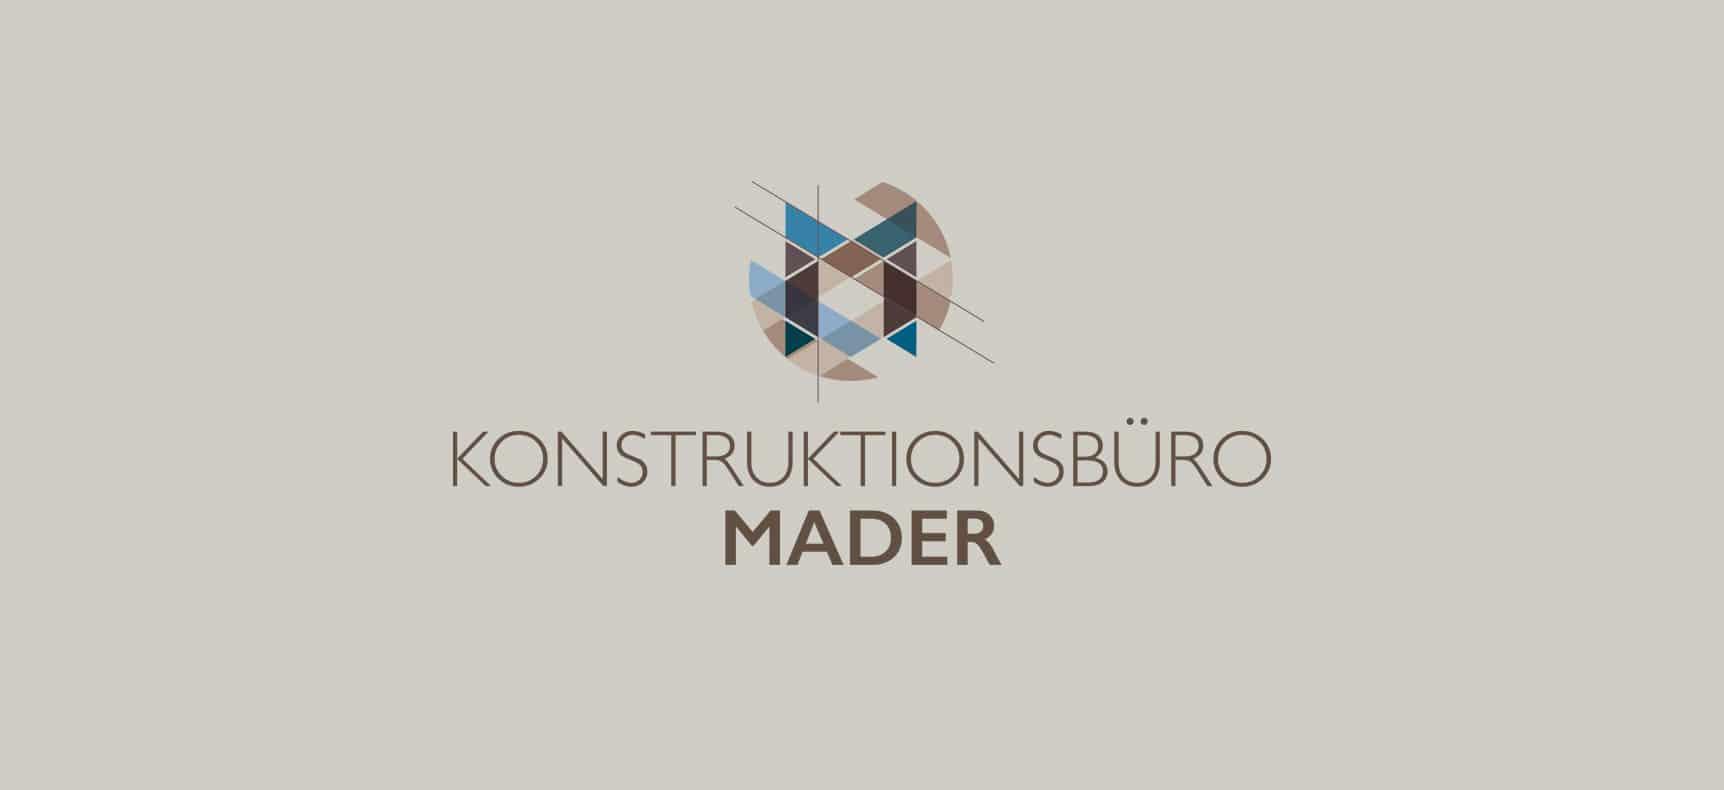 Konstruktionsbüro Mader | Corporate Design entwickelt von StatusZwo.com